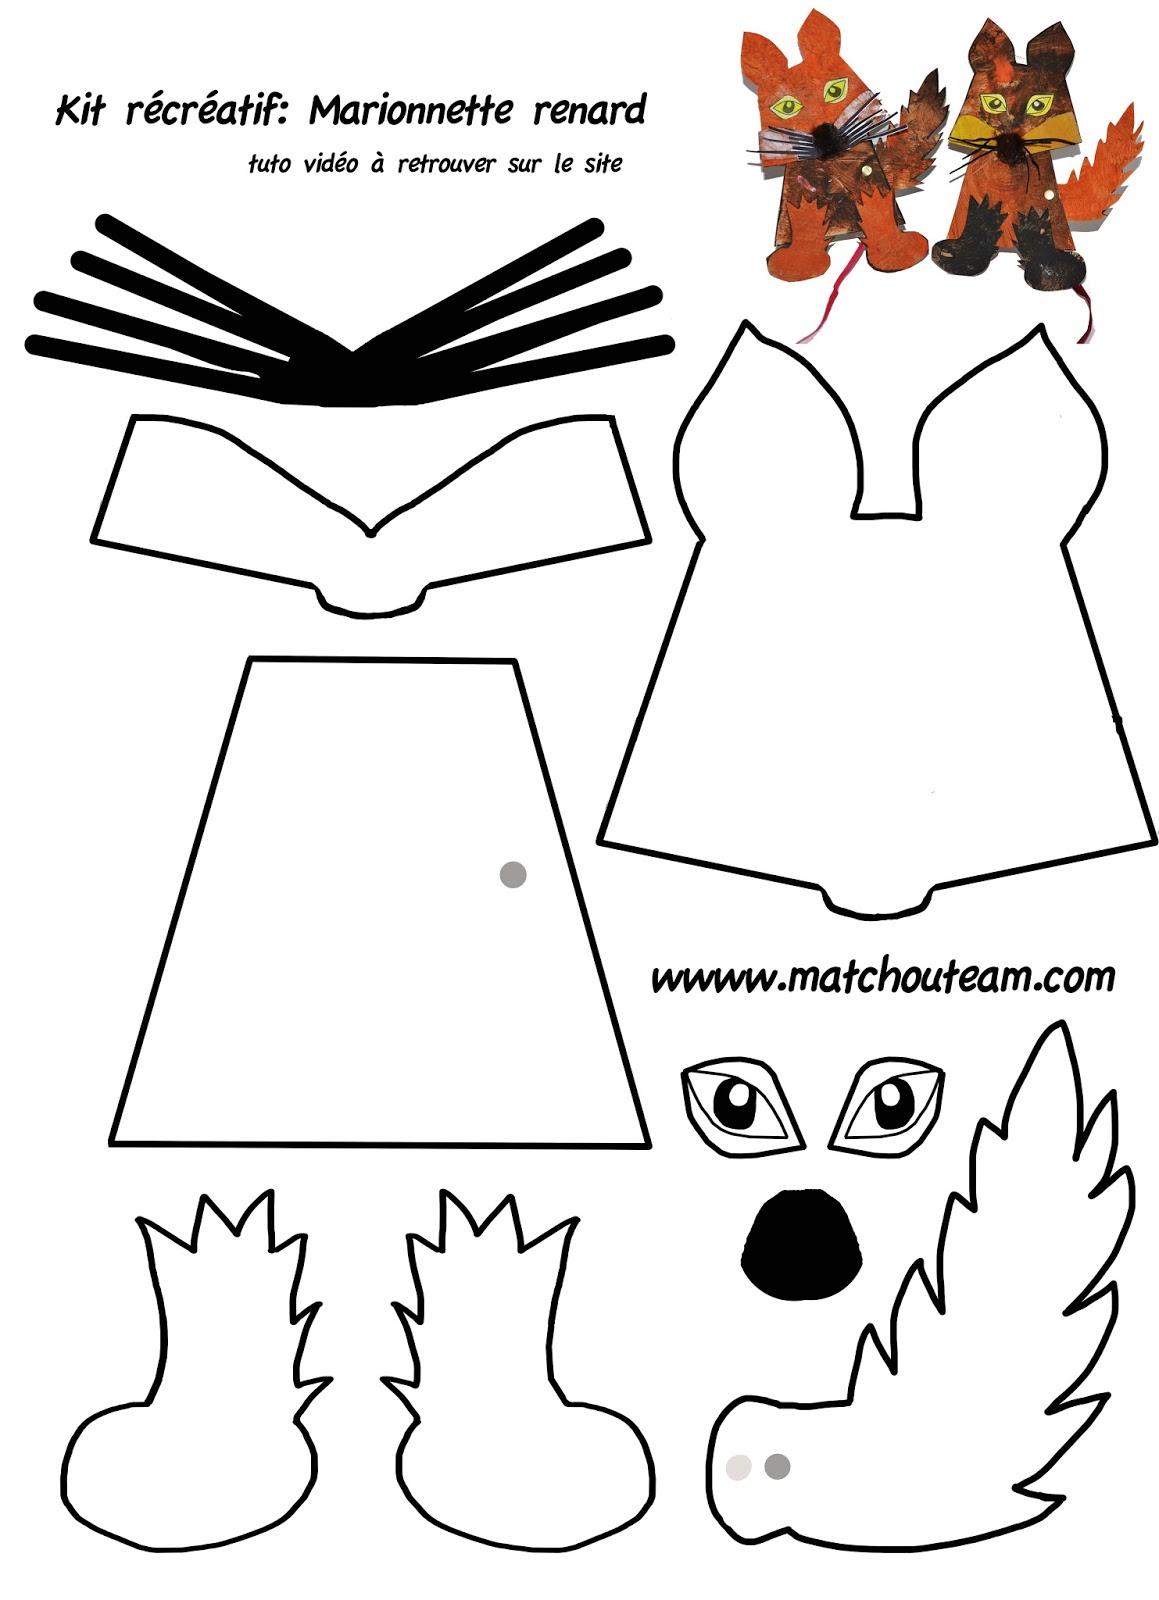 Ma Tchou team: Marionnette renard à fabriquer